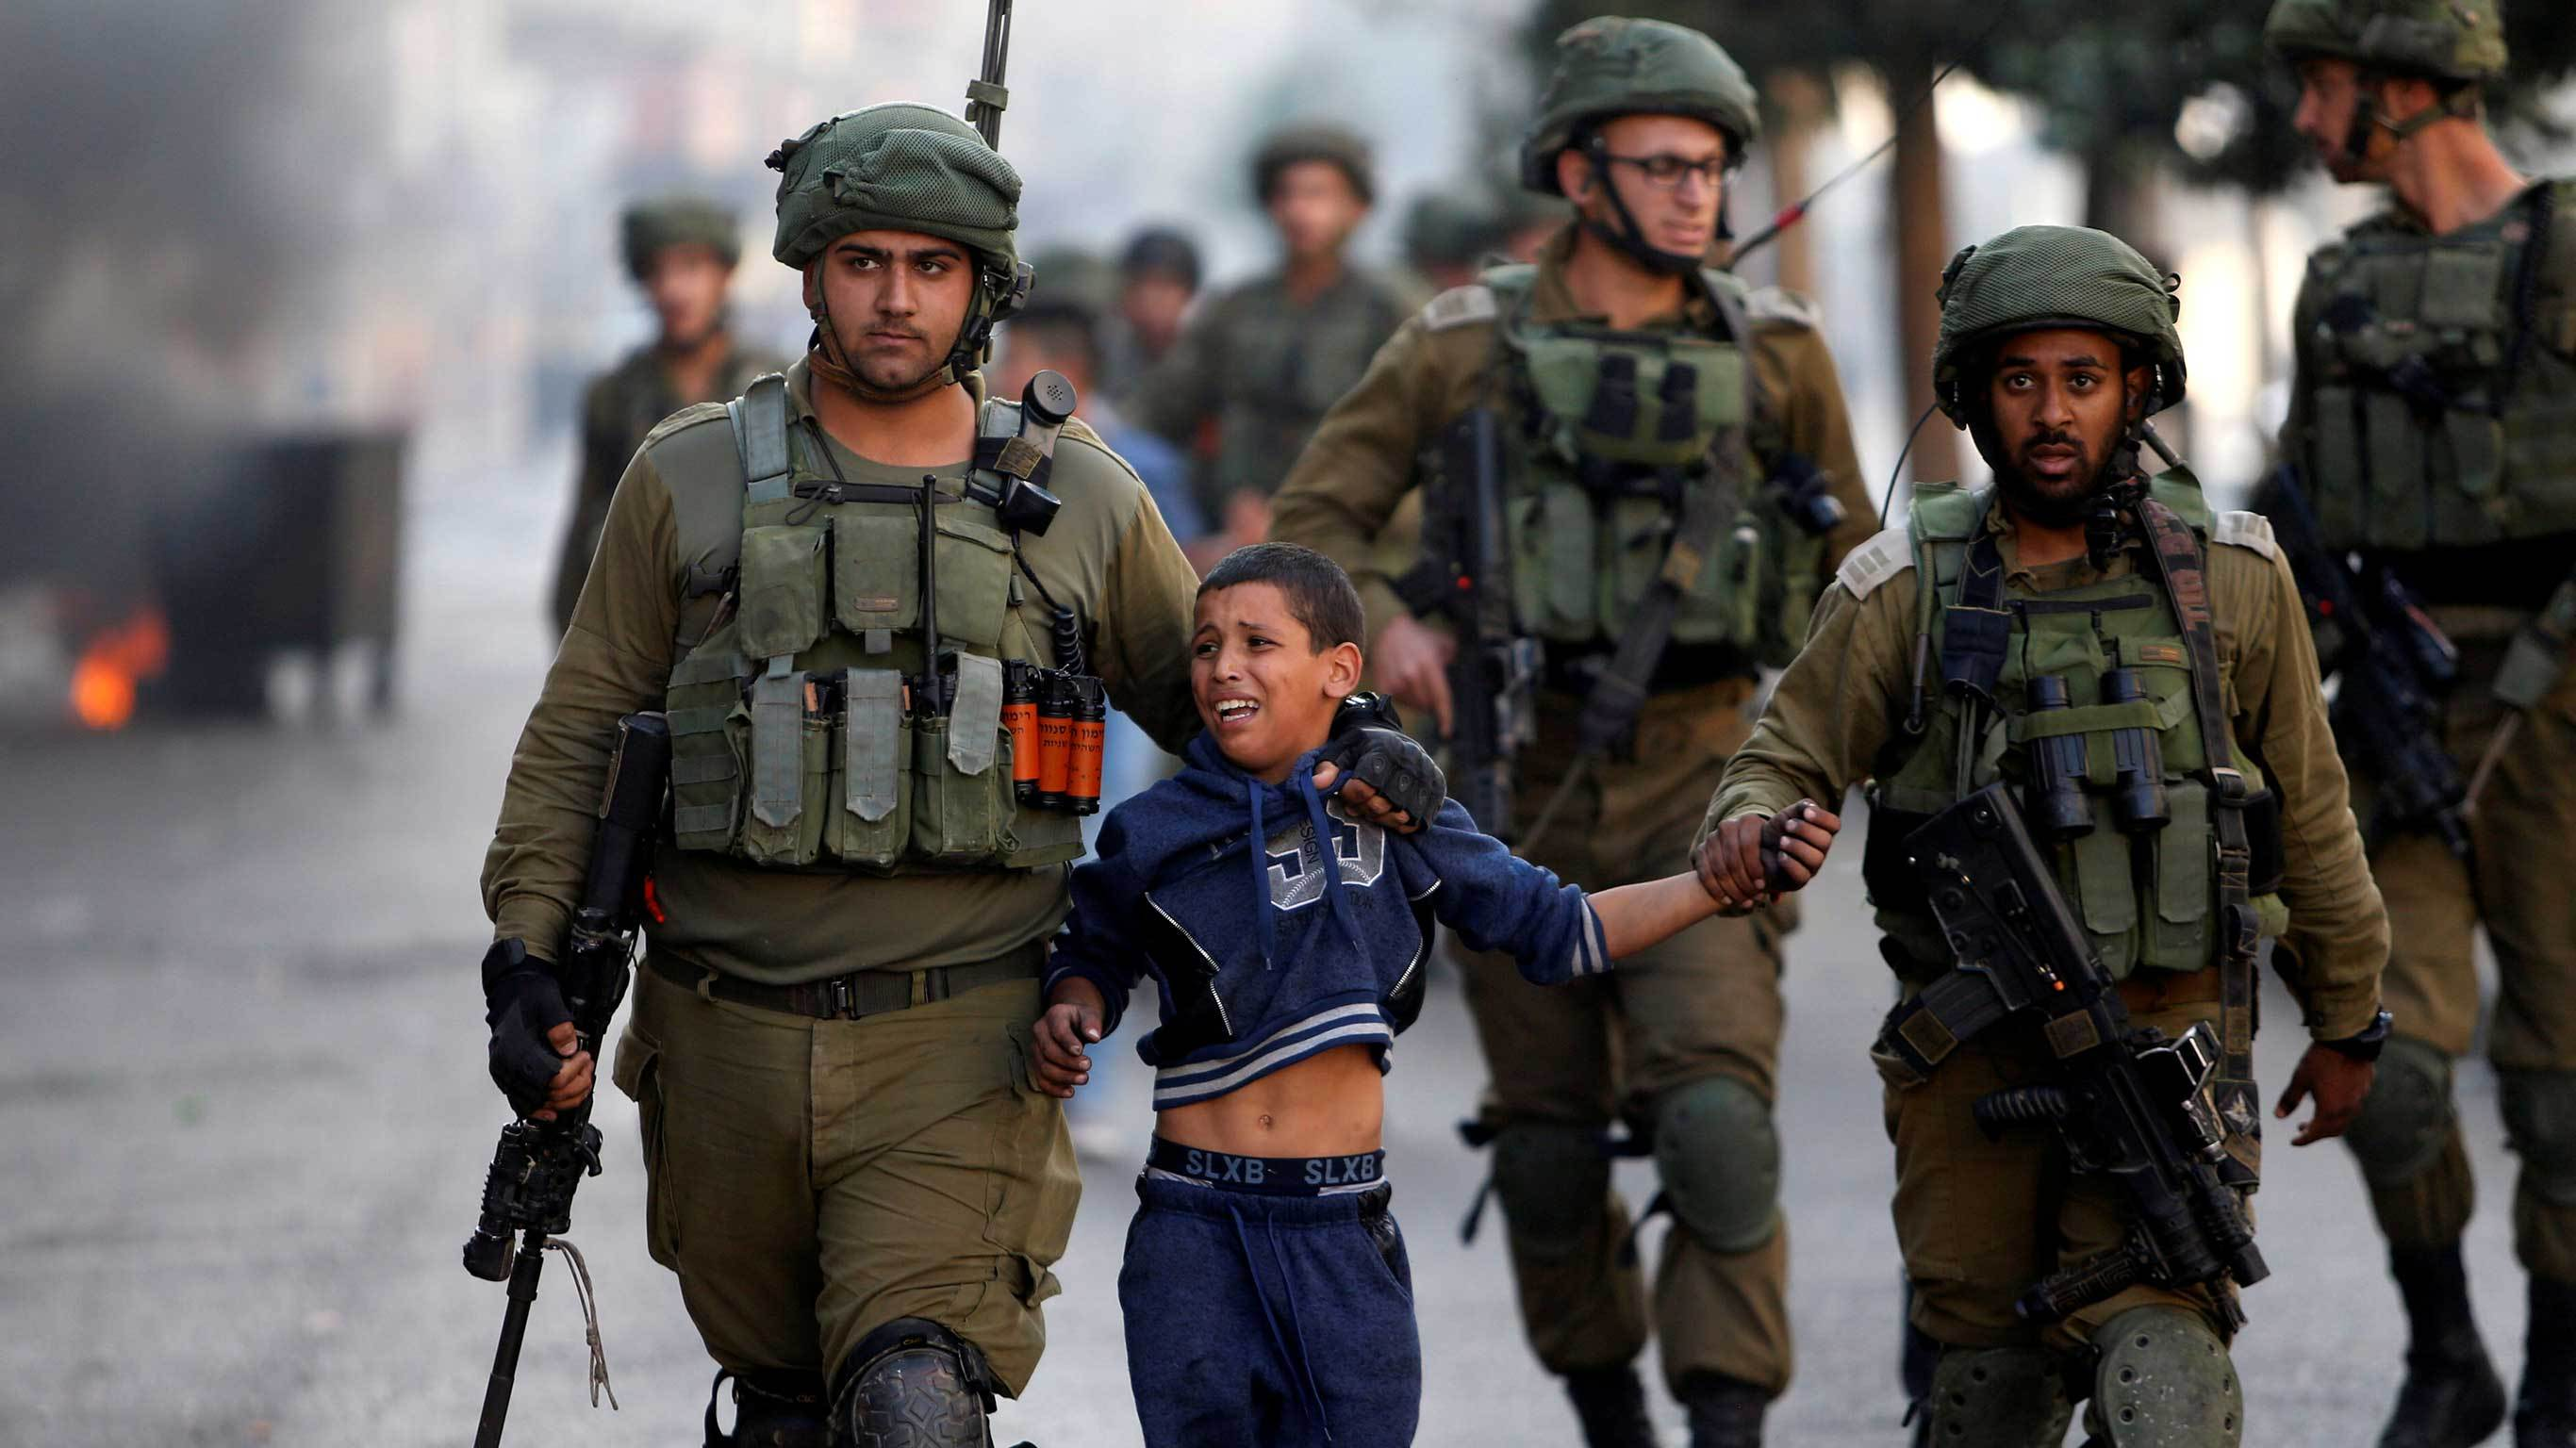 الحركة العالمية للدفاع عن الاطفال تطالب الاحتلال بالافراج عن الاسرى الاطفال  | رام الله